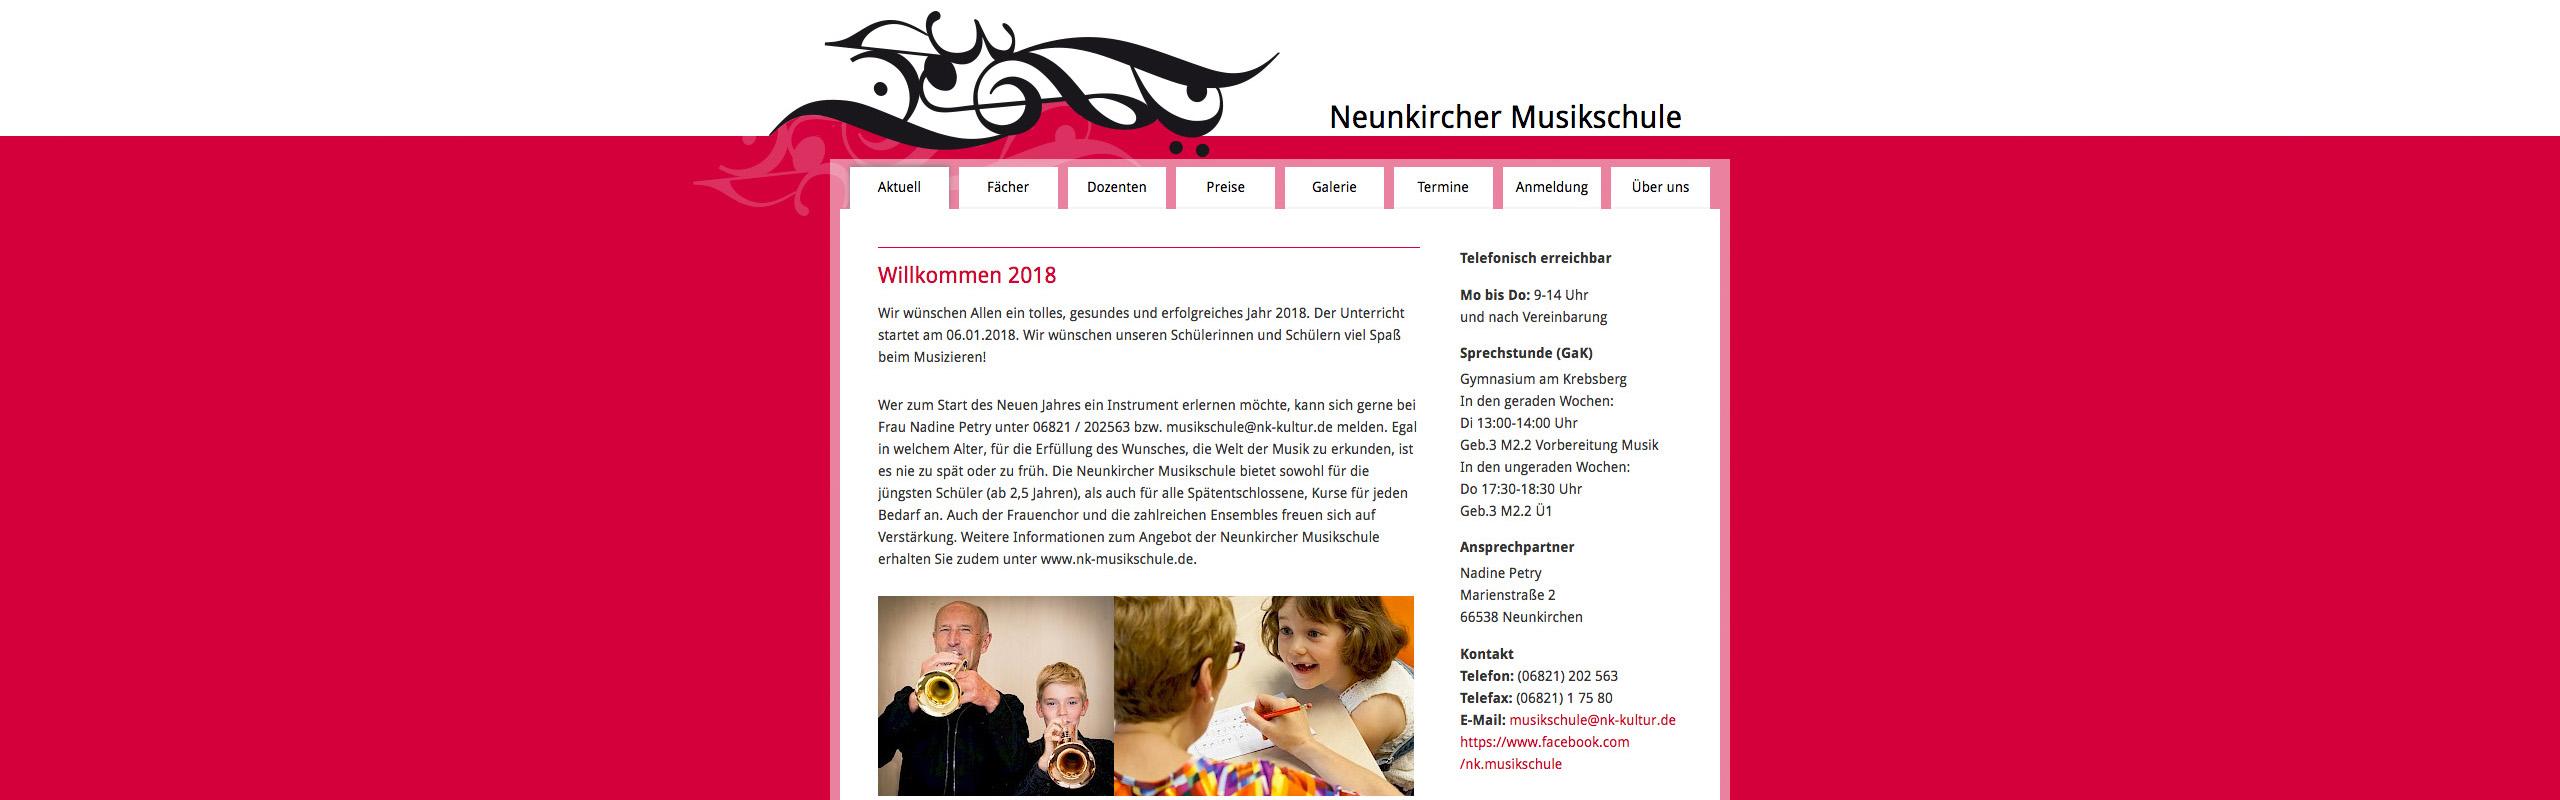 Startseite  Volkshochschulen in Nordhessen